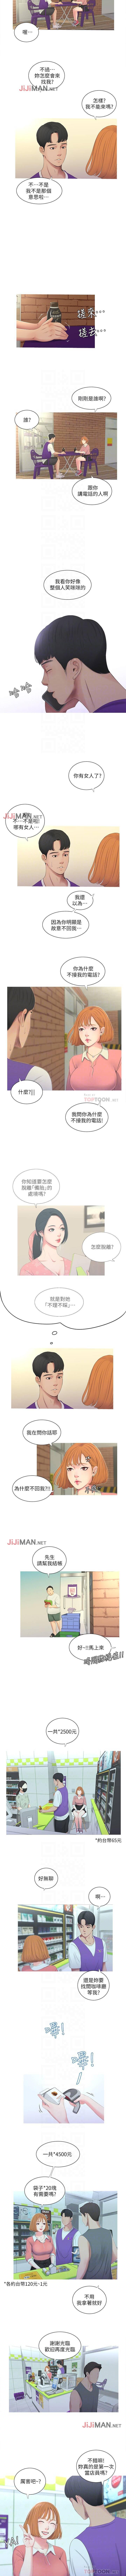 【周四连载】亲家四姐妹(作者:愛摸) 第1~27话 39